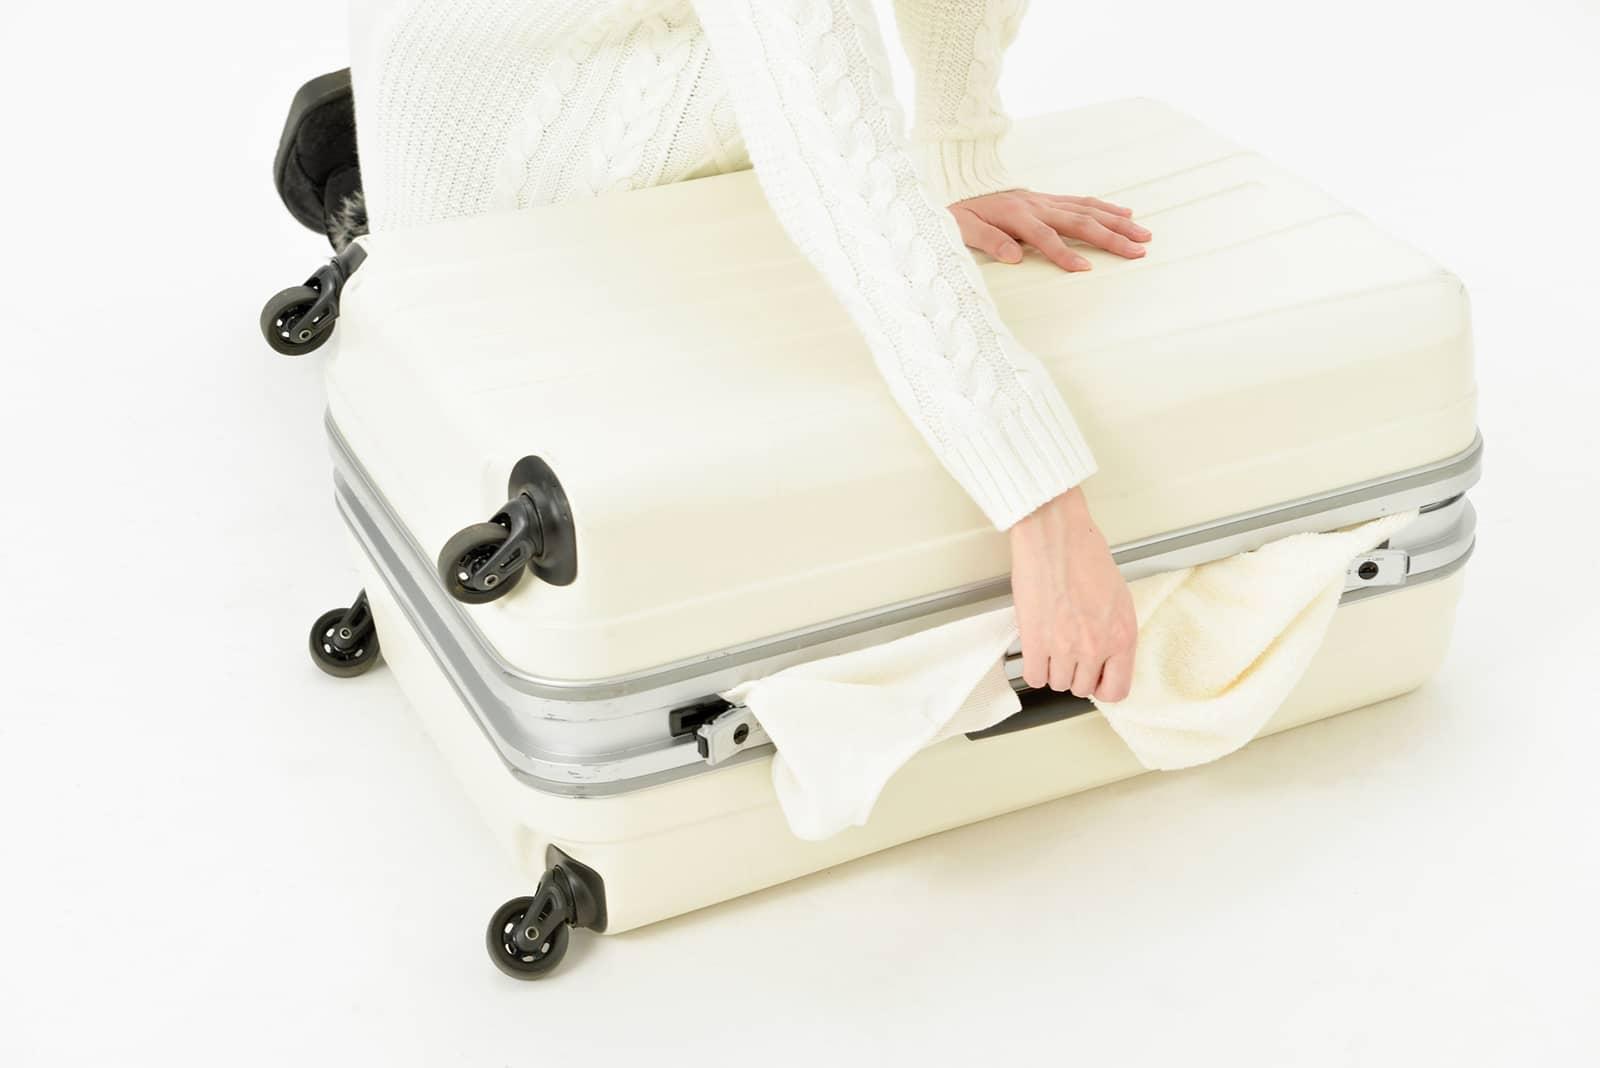 スーツケースから荷物がはみ出している様子